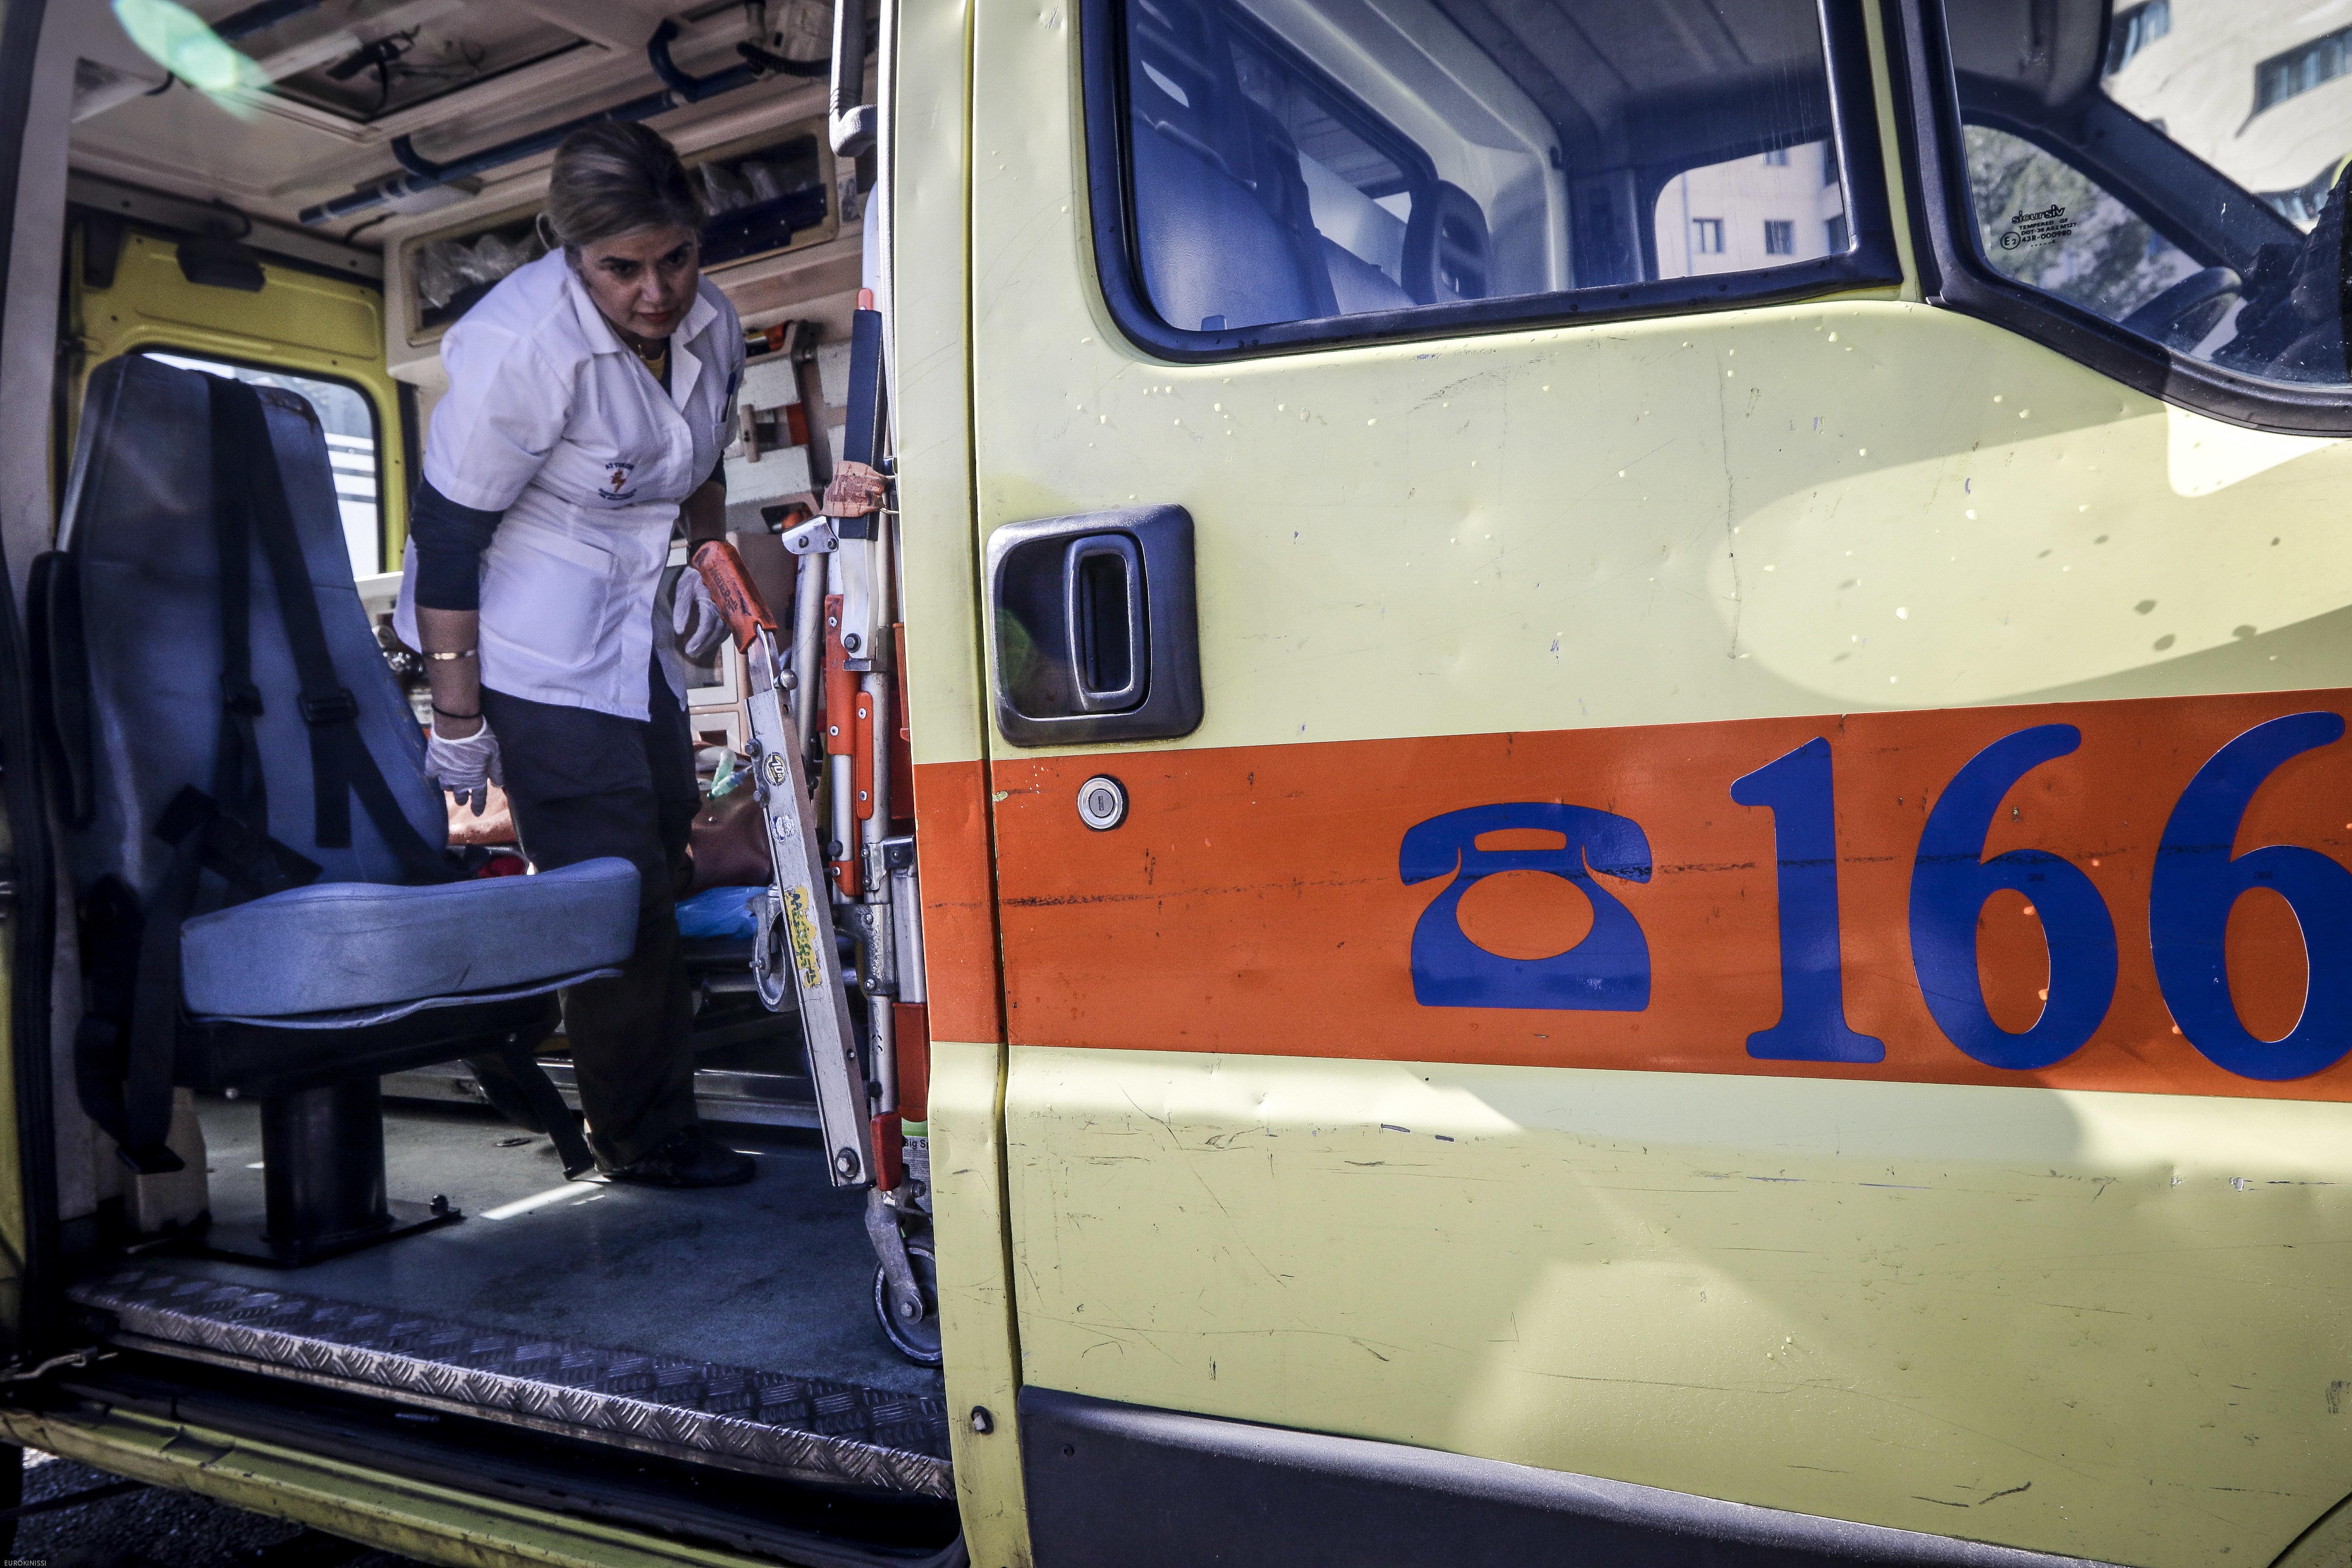 Νεκρός Βρετανός τουρίστας στην Κέρκυρα. Βρέθηκε απαγχονισμένος από τα